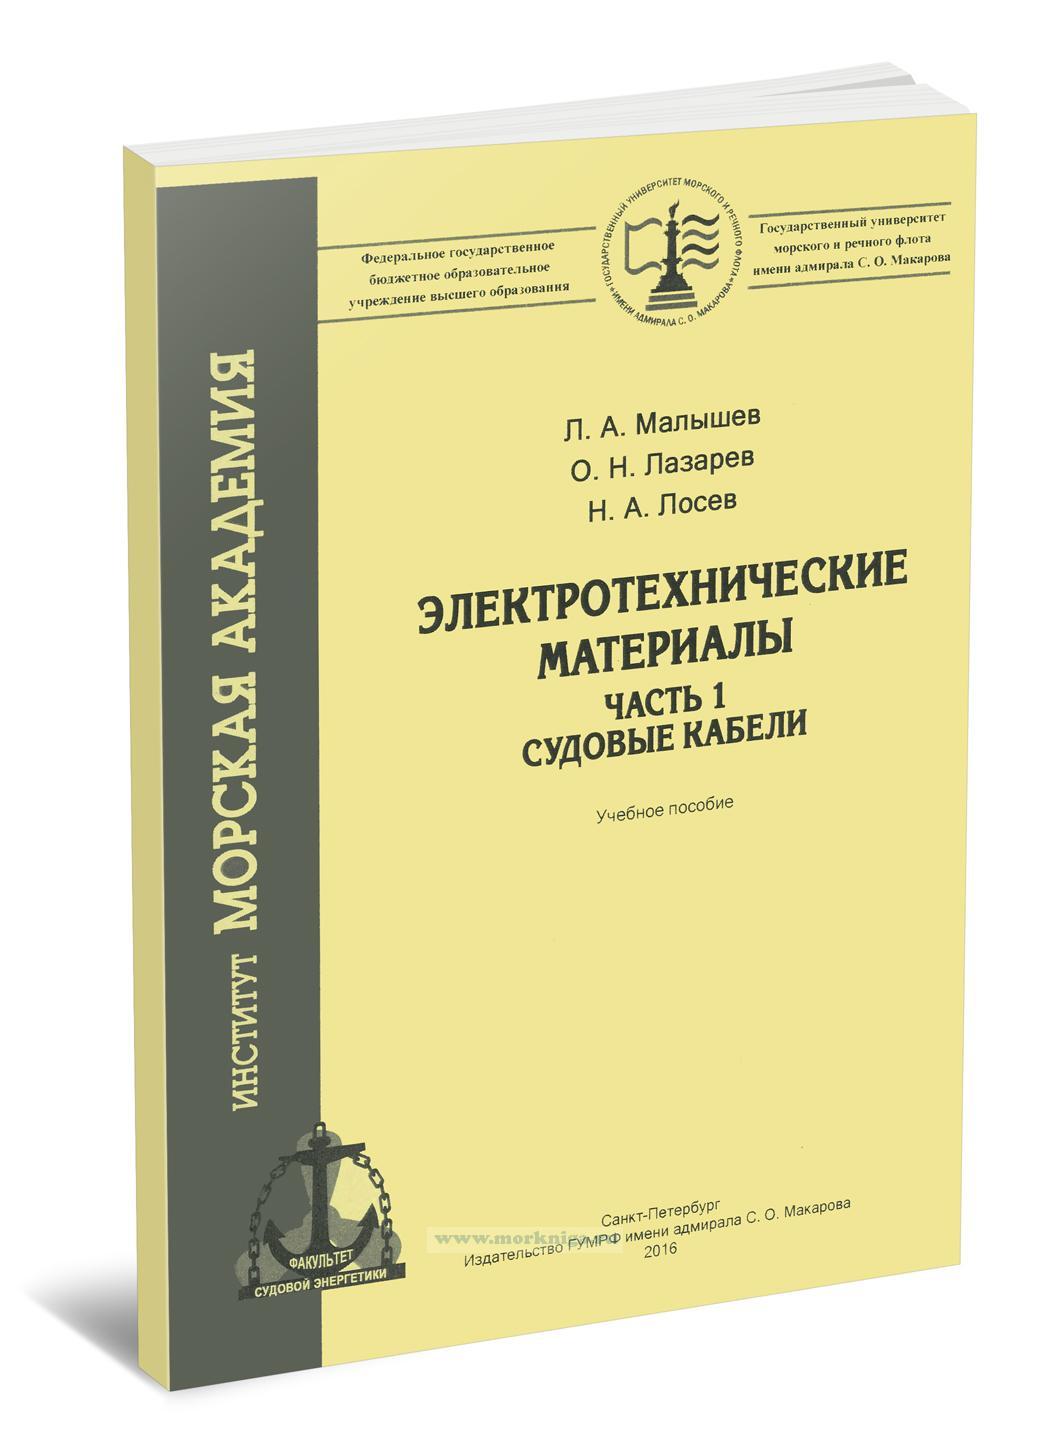 Электротехнические материалы. Ч. 1. Судовые кабели: учебное пособие